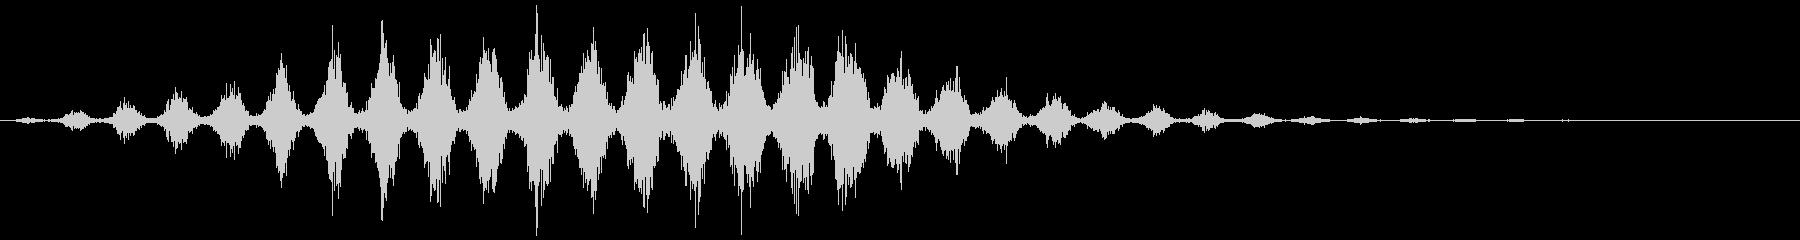 ワープ 短い(チュチュチュ…+サーッ)の未再生の波形